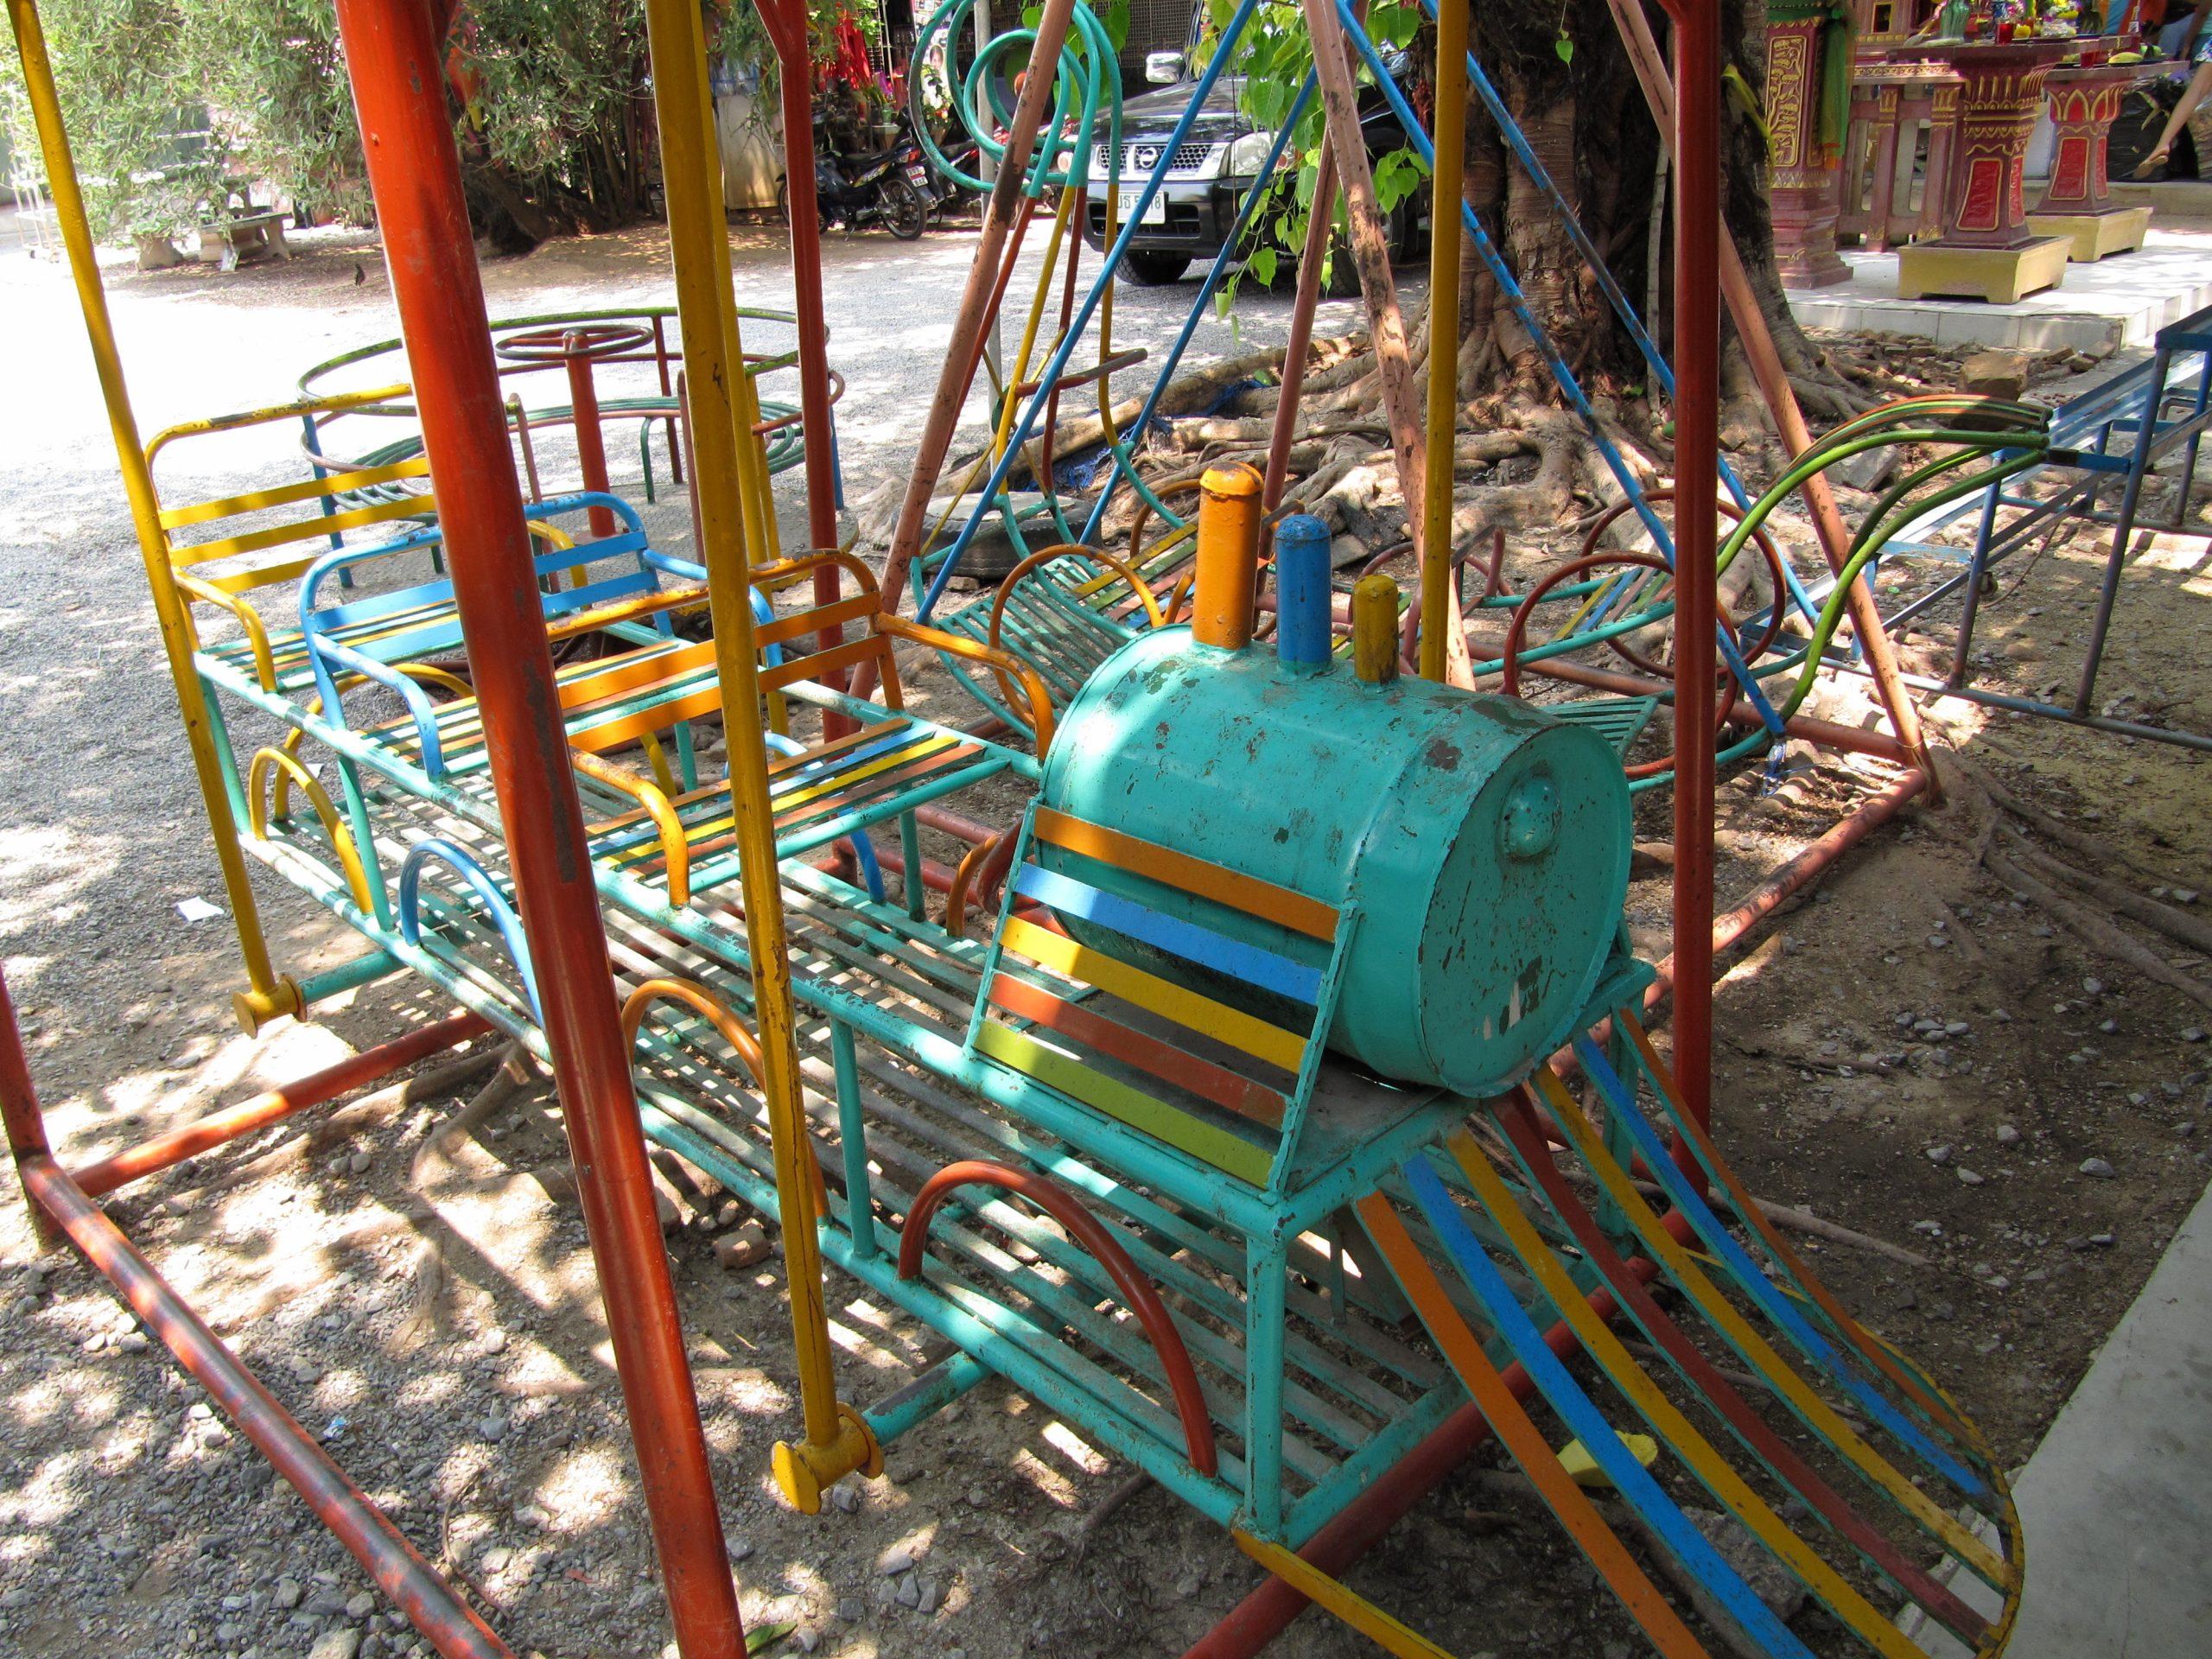 File:jeux Pour Enfants Dans Un Jardin Public.jpg - Wikimedia ... destiné Jeux De Jardin Enfant